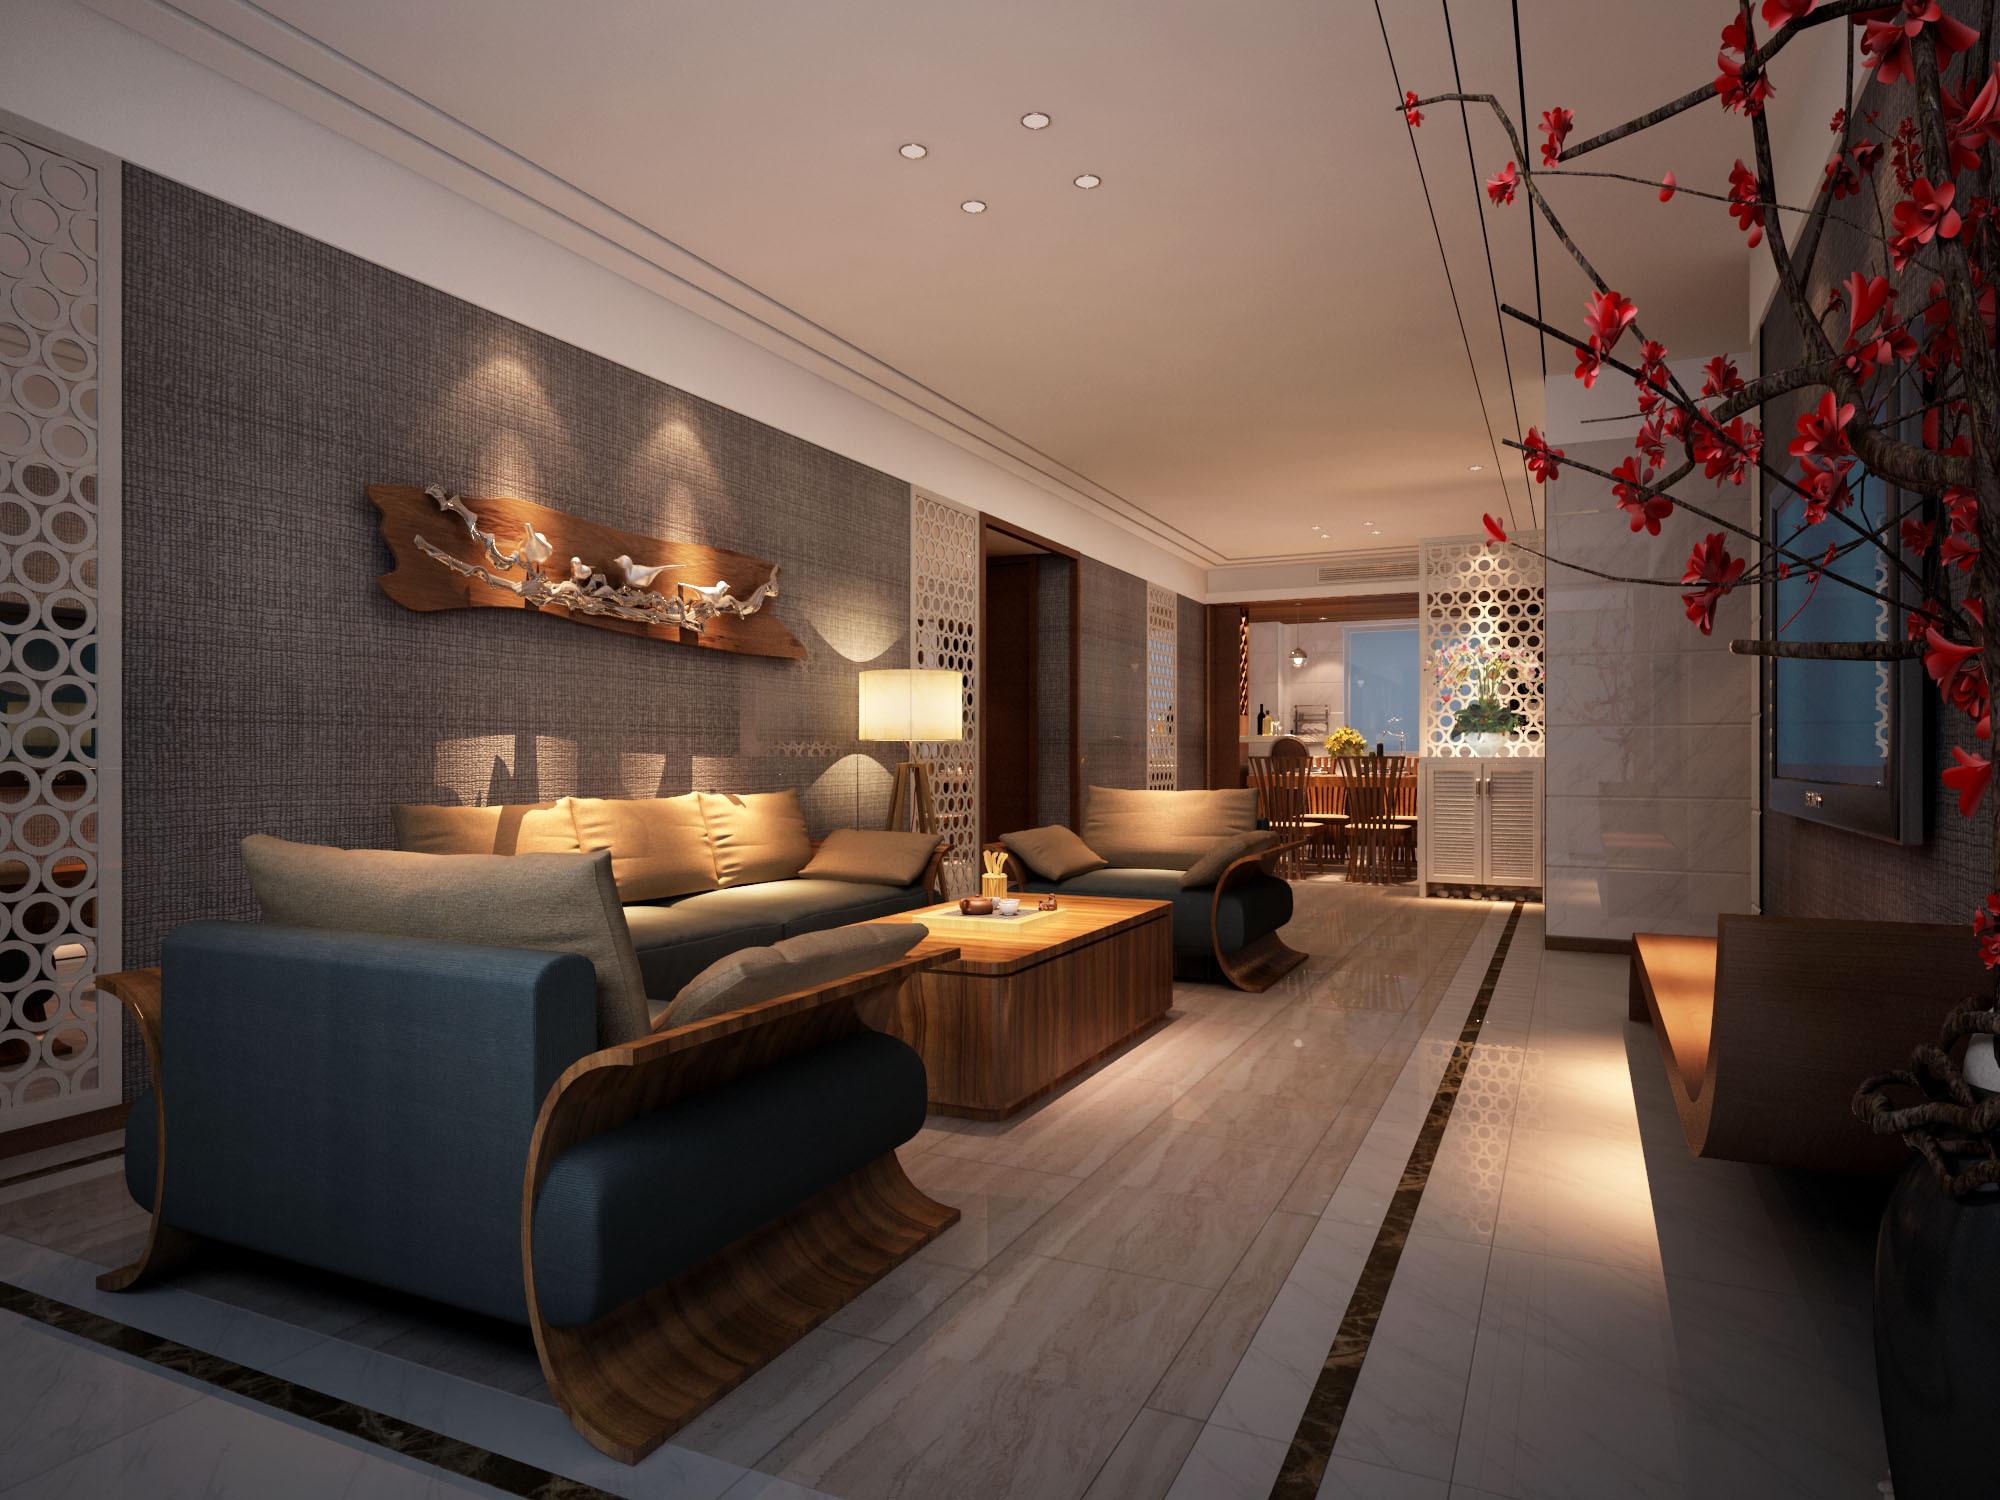 高端住宅设计 空间 室内设计 老白028 - 原创作品